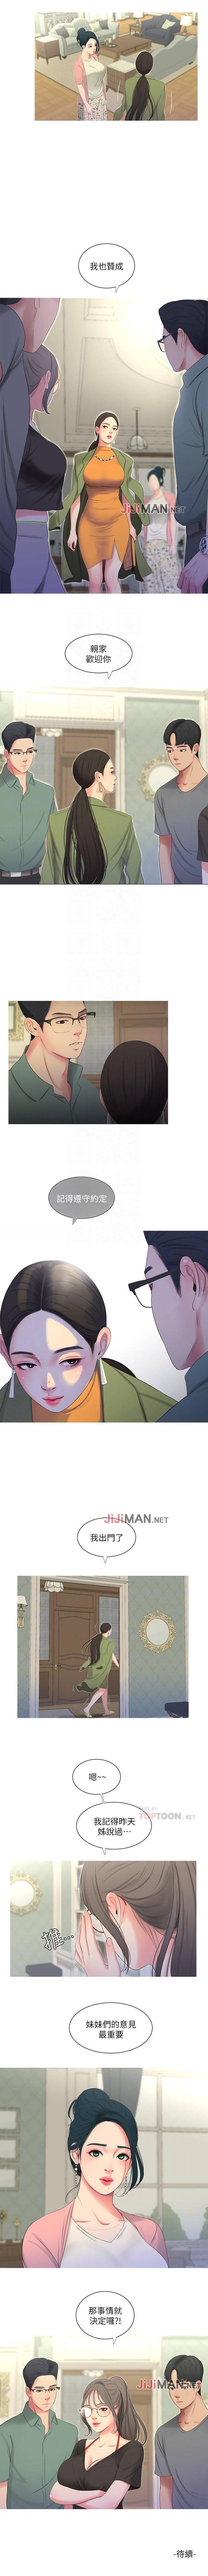 【周四连载】亲家四姐妹(作者:愛摸) 第1~31话 77